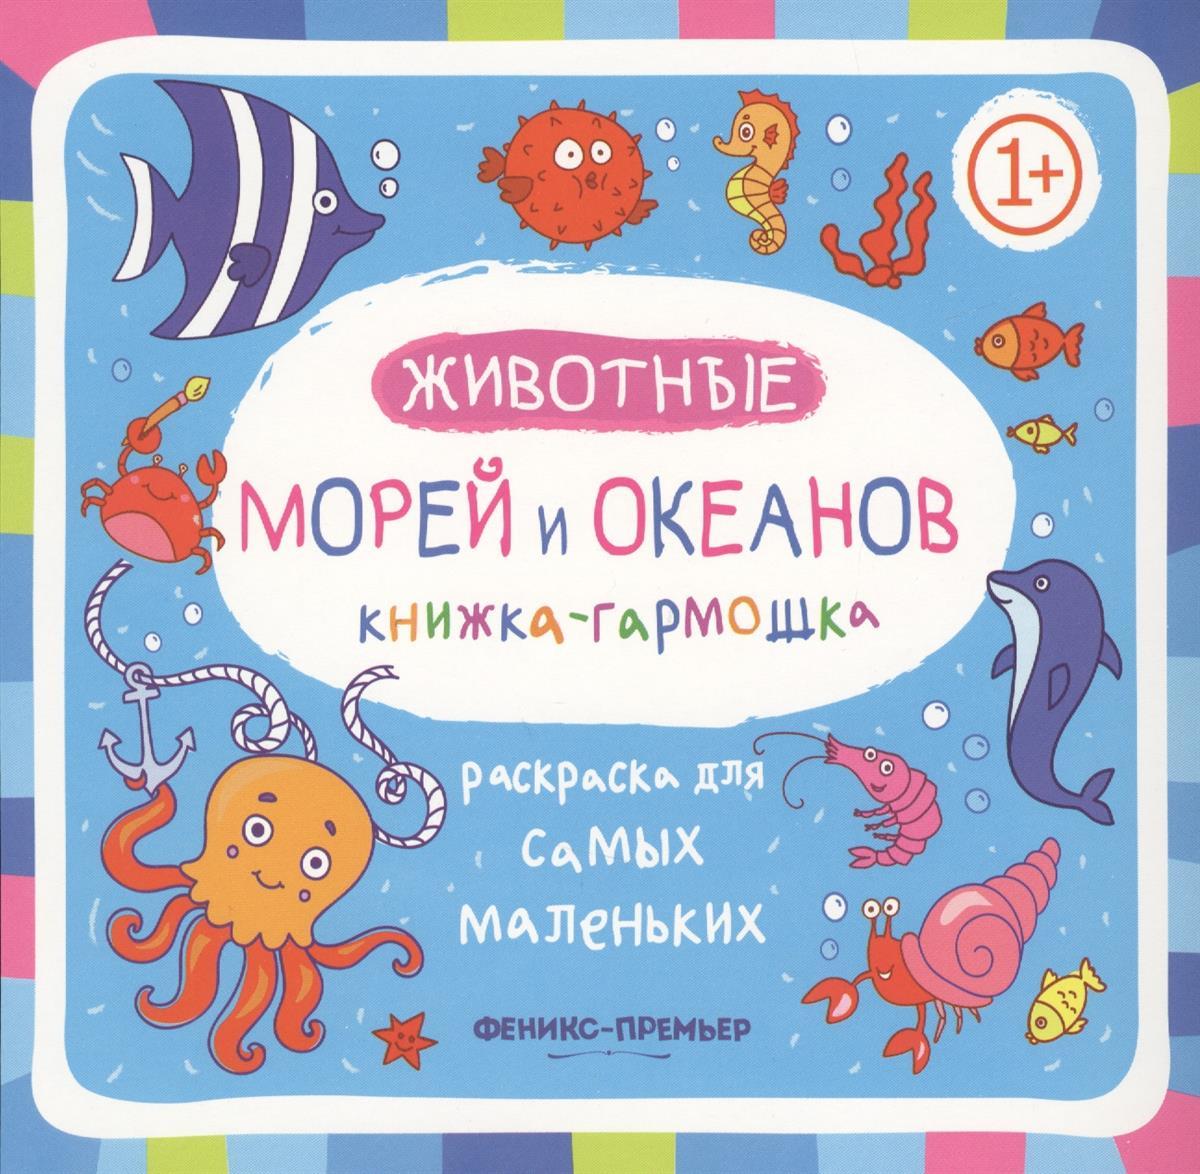 Костомарова Е. (отв.ред.) Раскраска для самых маленьких. Животные морей и океанов. Книжка-гарможка эксмо животные морей и океанов с наклейками